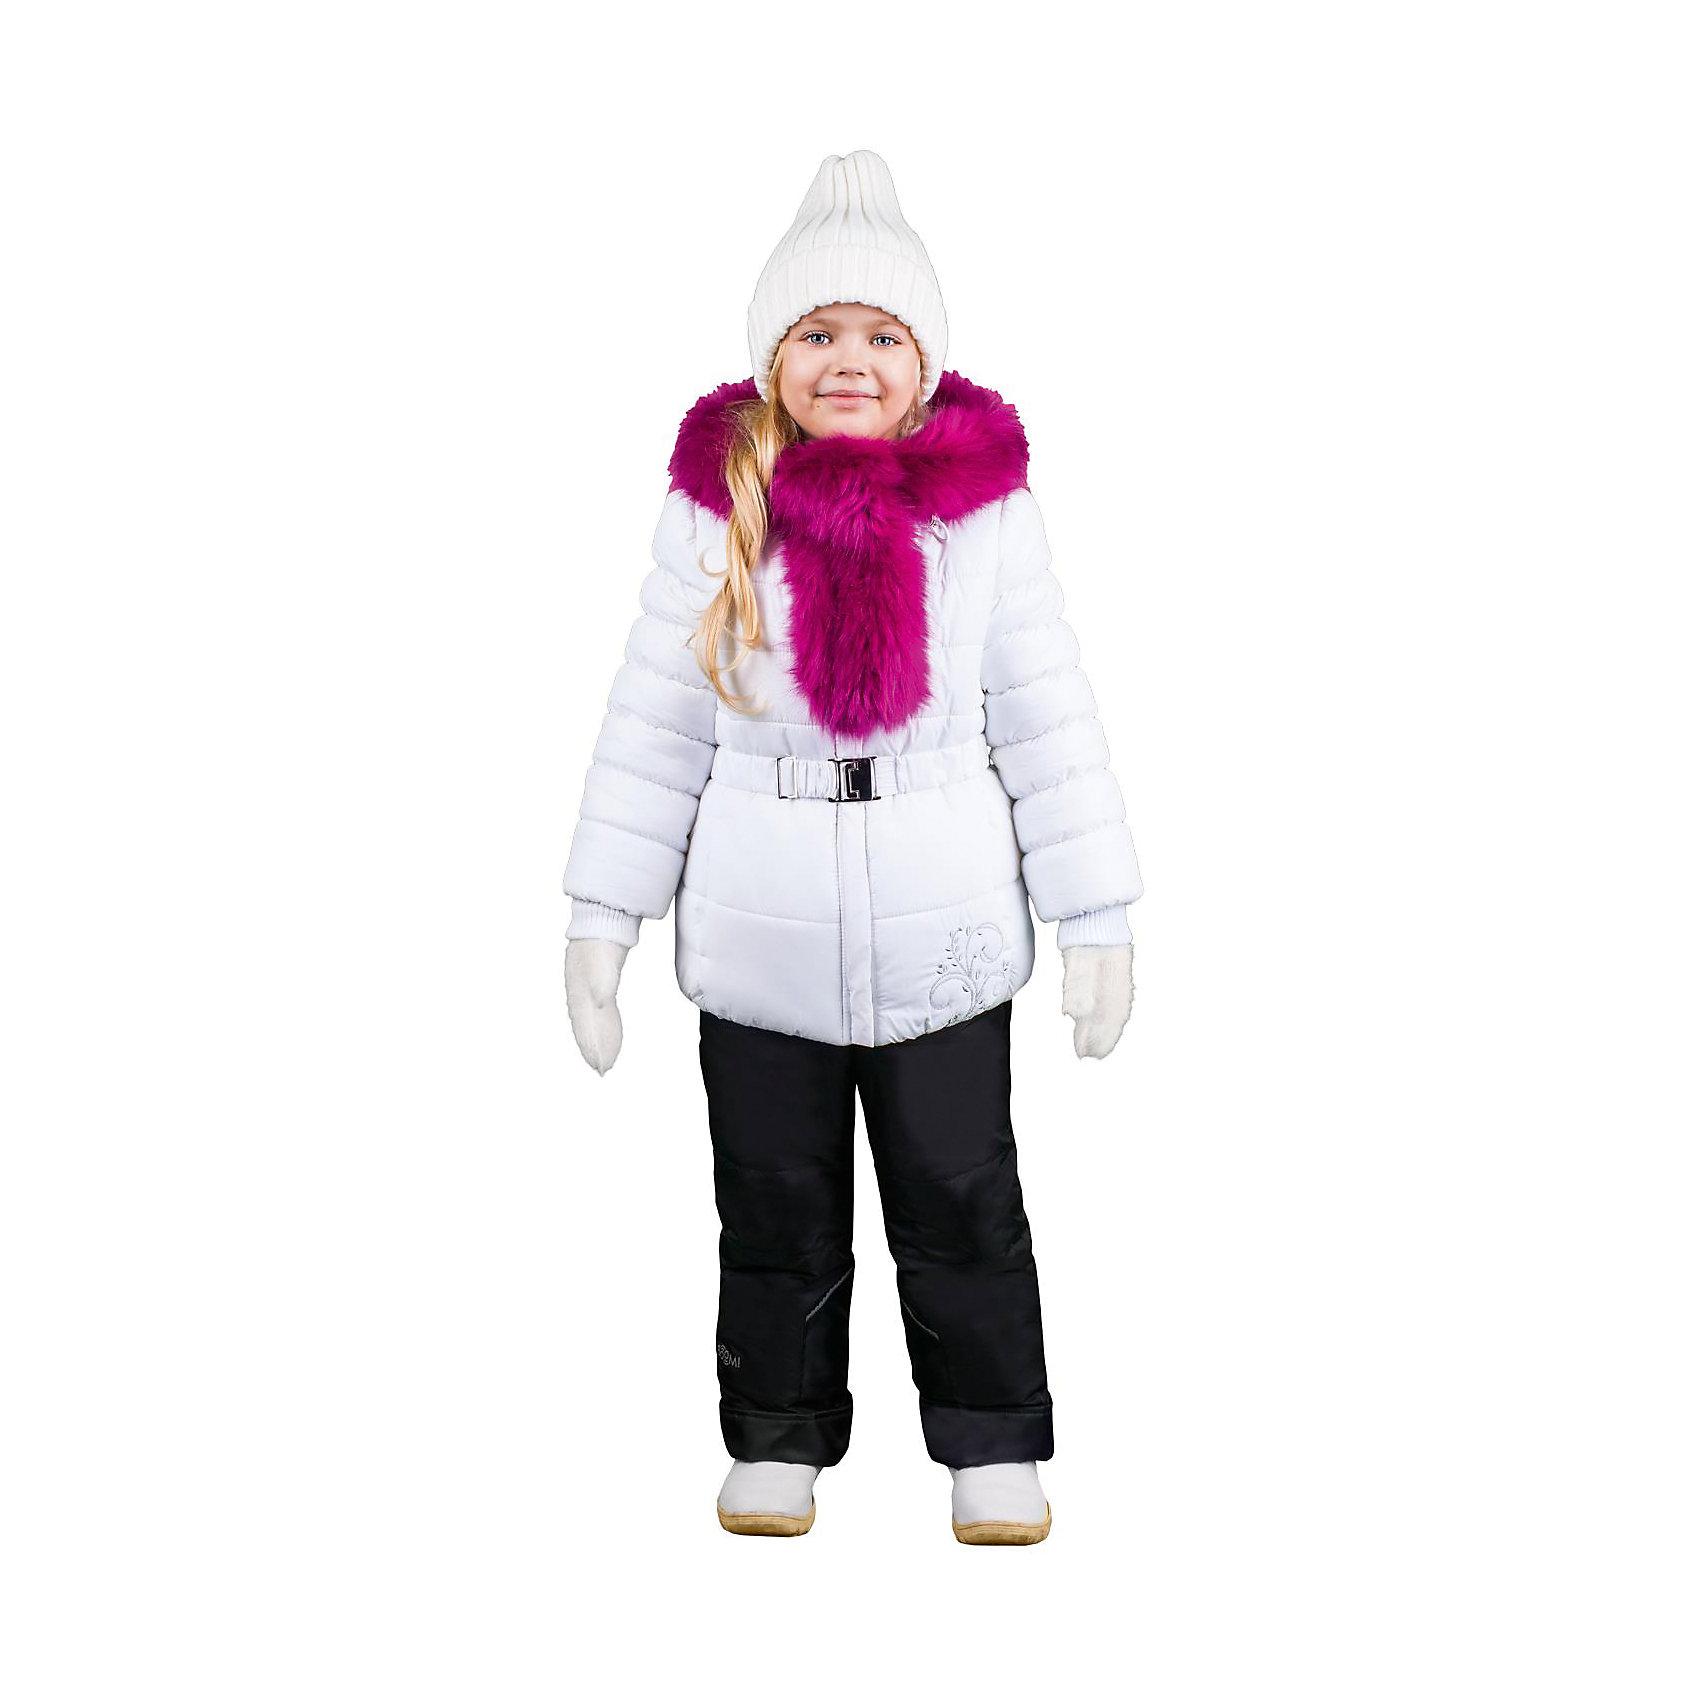 Комплект: куртка и брюки для девочки BOOM by OrbyВерхняя одежда<br>Характеристики изделия:<br><br>- комплектация: куртка, комбинезон, муфта;<br>- материал верха: мягкая болонь;<br>- подкладка: ПЭ, флис;<br>- утеплитель: Flexy Fiber 400 г/м2, <br>- отделка: вязаное полотно, искусственный мех;<br>- фурнитура: металл, пластик;<br>- застежка: молния;<br>- воротник;<br>- защита подбородка;<br>- клапан от ветра;<br>- вышивка на куртке;<br>- температурный режим до -30°С<br><br><br>В холодный сезон девочки хотят одеваться не только тепло, но и модно. Этот стильный и теплый комплект позволит ребенку наслаждаться зимним отдыхом, не боясь замерзнуть, и выглядеть при этом очень симпатично.<br>Теплая куртка плотно сидит благодаря манжетам и надежным застежкам. Она смотрится очень эффектно благодаря пушистому воротнику. Полукомбинезон дополнен регулируемыми лямками, карманами и манжетами.<br><br>Комплект: курта и брюки для девочки от бренда BOOM by Orby можно купить в нашем магазине.<br><br>Ширина мм: 215<br>Глубина мм: 88<br>Высота мм: 191<br>Вес г: 336<br>Цвет: белый<br>Возраст от месяцев: 48<br>Возраст до месяцев: 60<br>Пол: Женский<br>Возраст: Детский<br>Размер: 110,116,104,92,122,86,98<br>SKU: 4982500